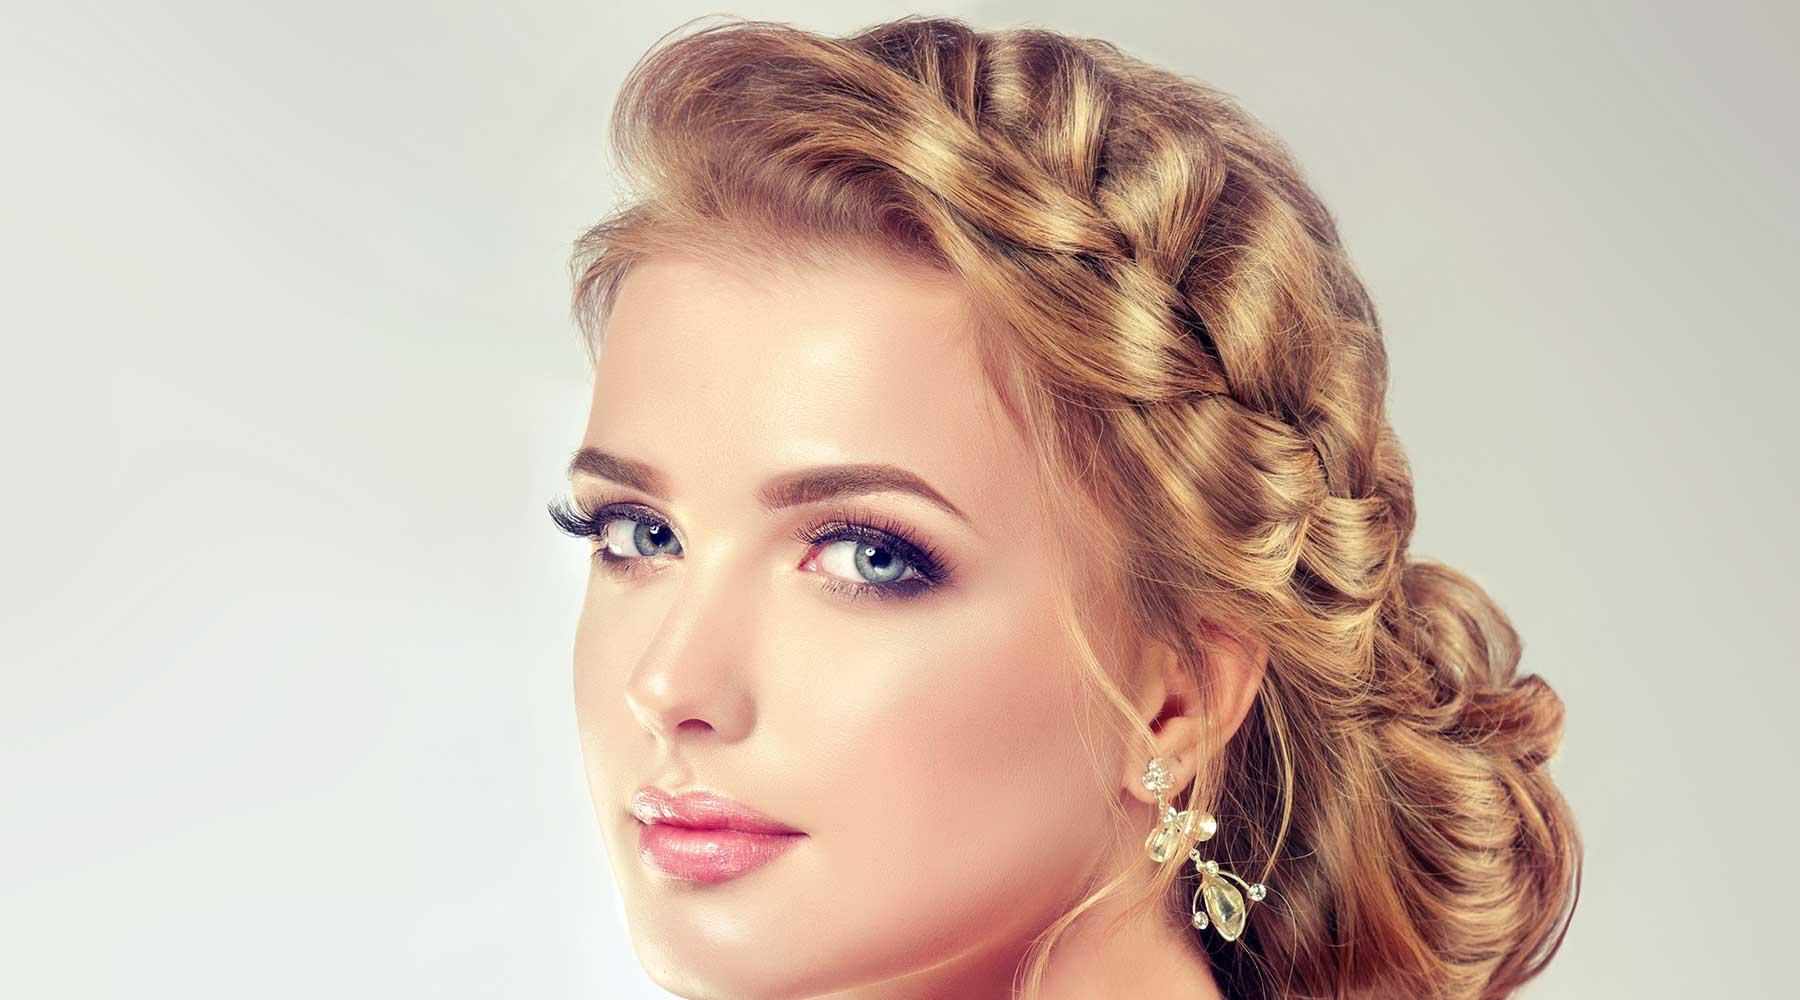 donna bionda con occhi azzurri e capelli in stile moderno